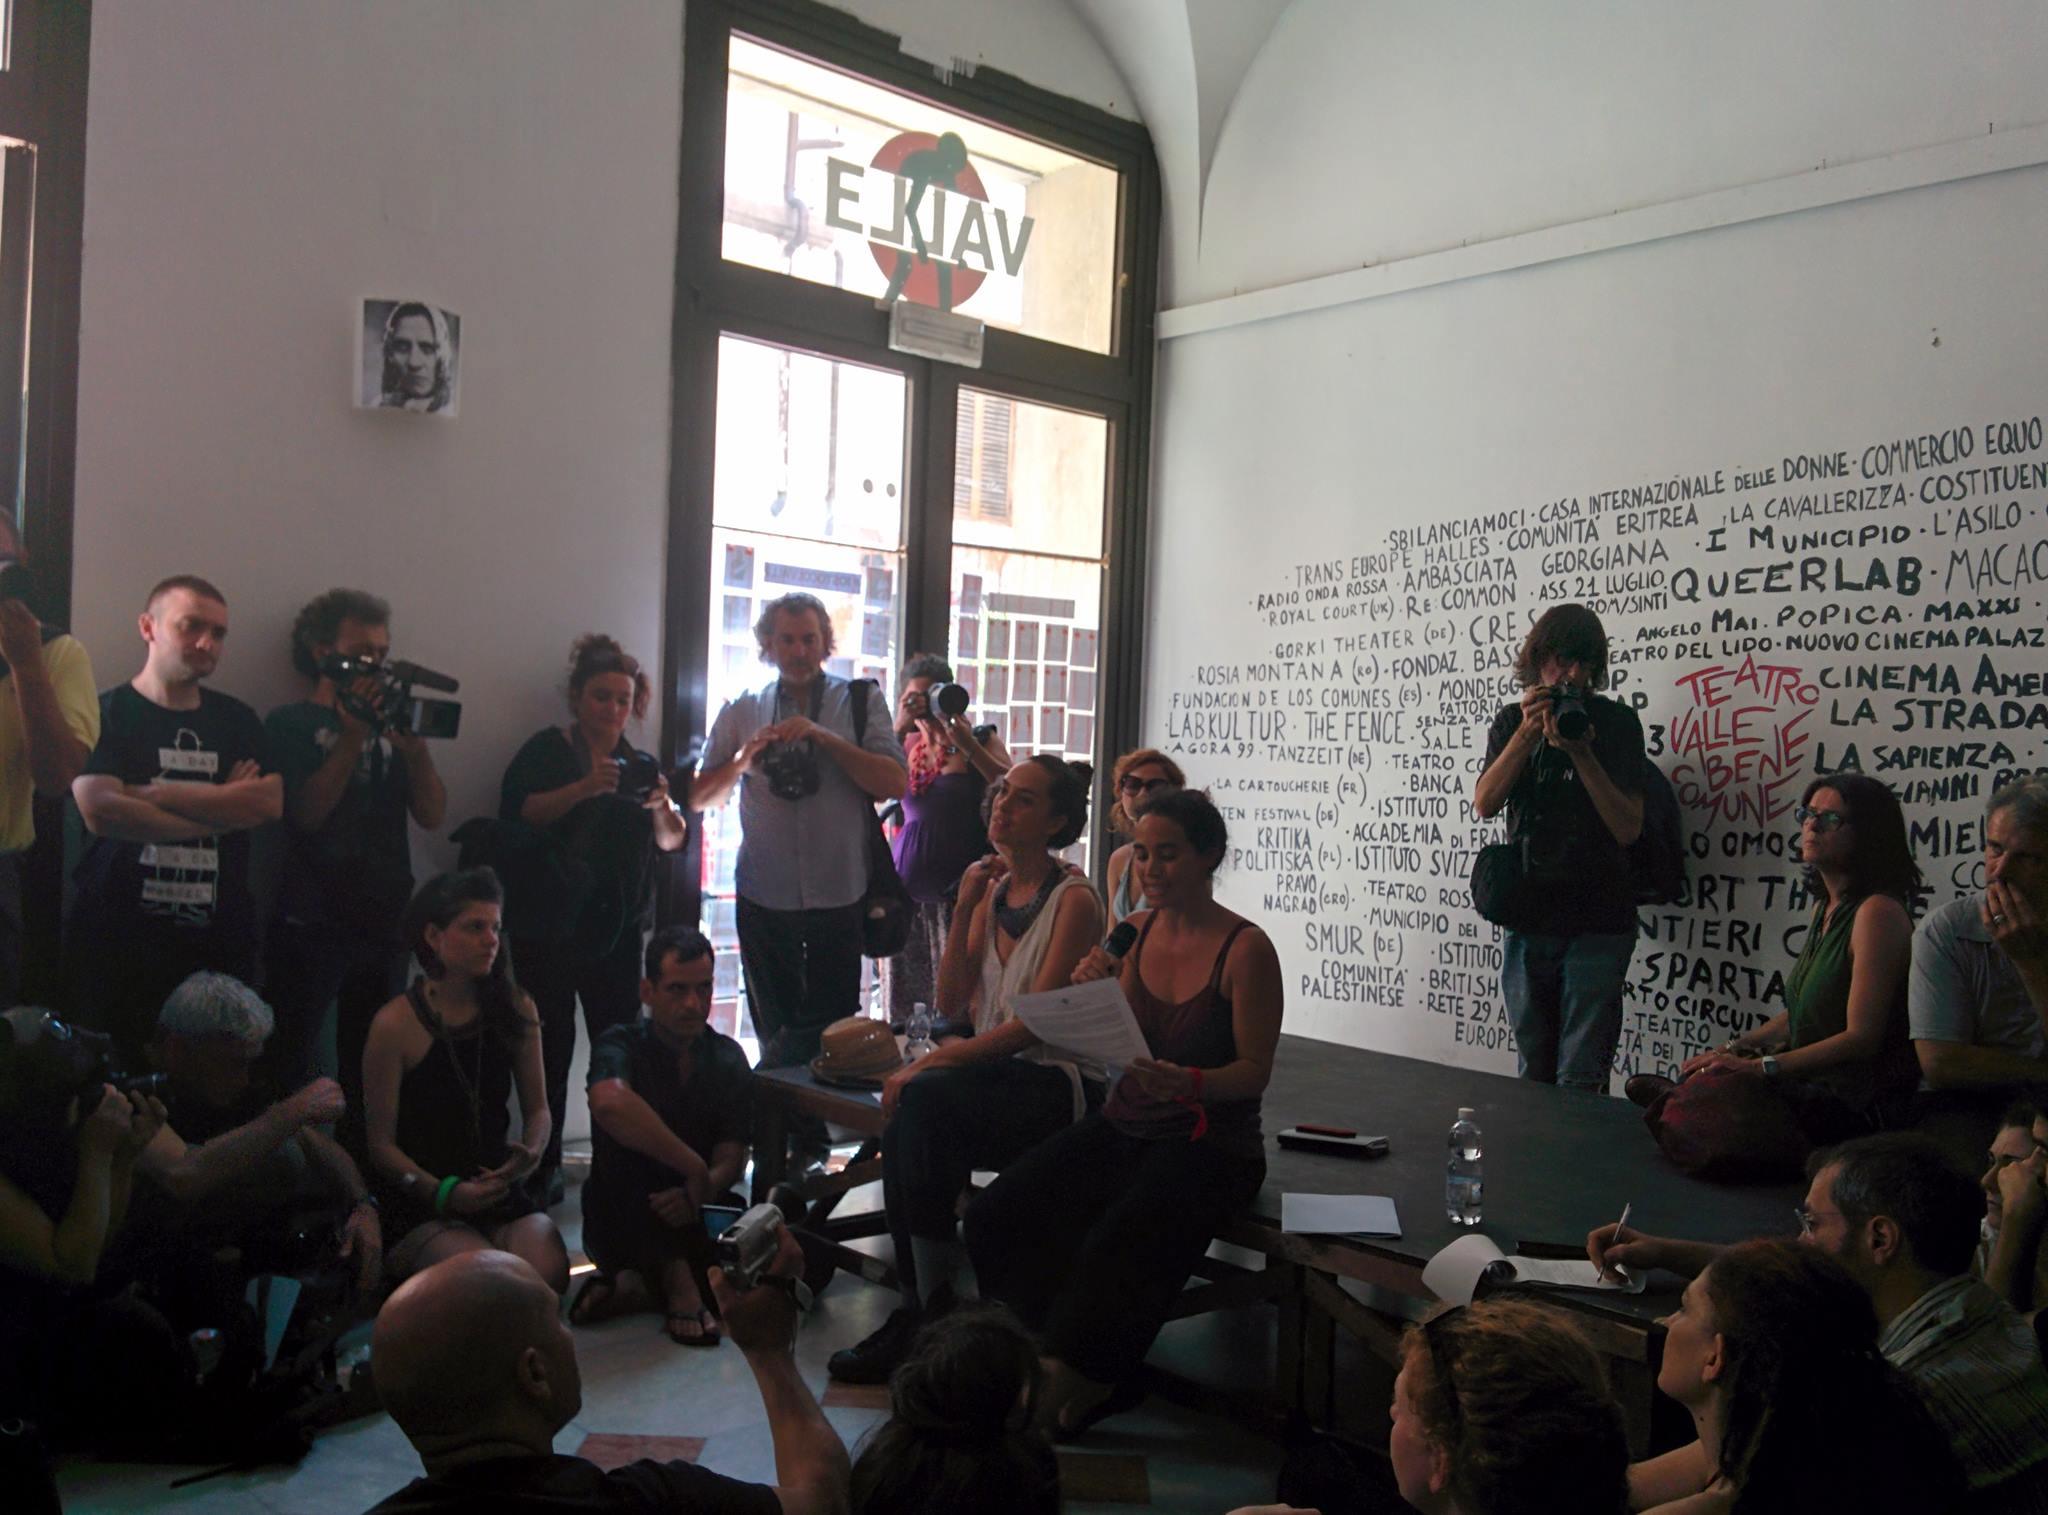 Teatro Valle, l'occupazione (in)finita: attivisti nel foyer per dettare le condizioni al Comune